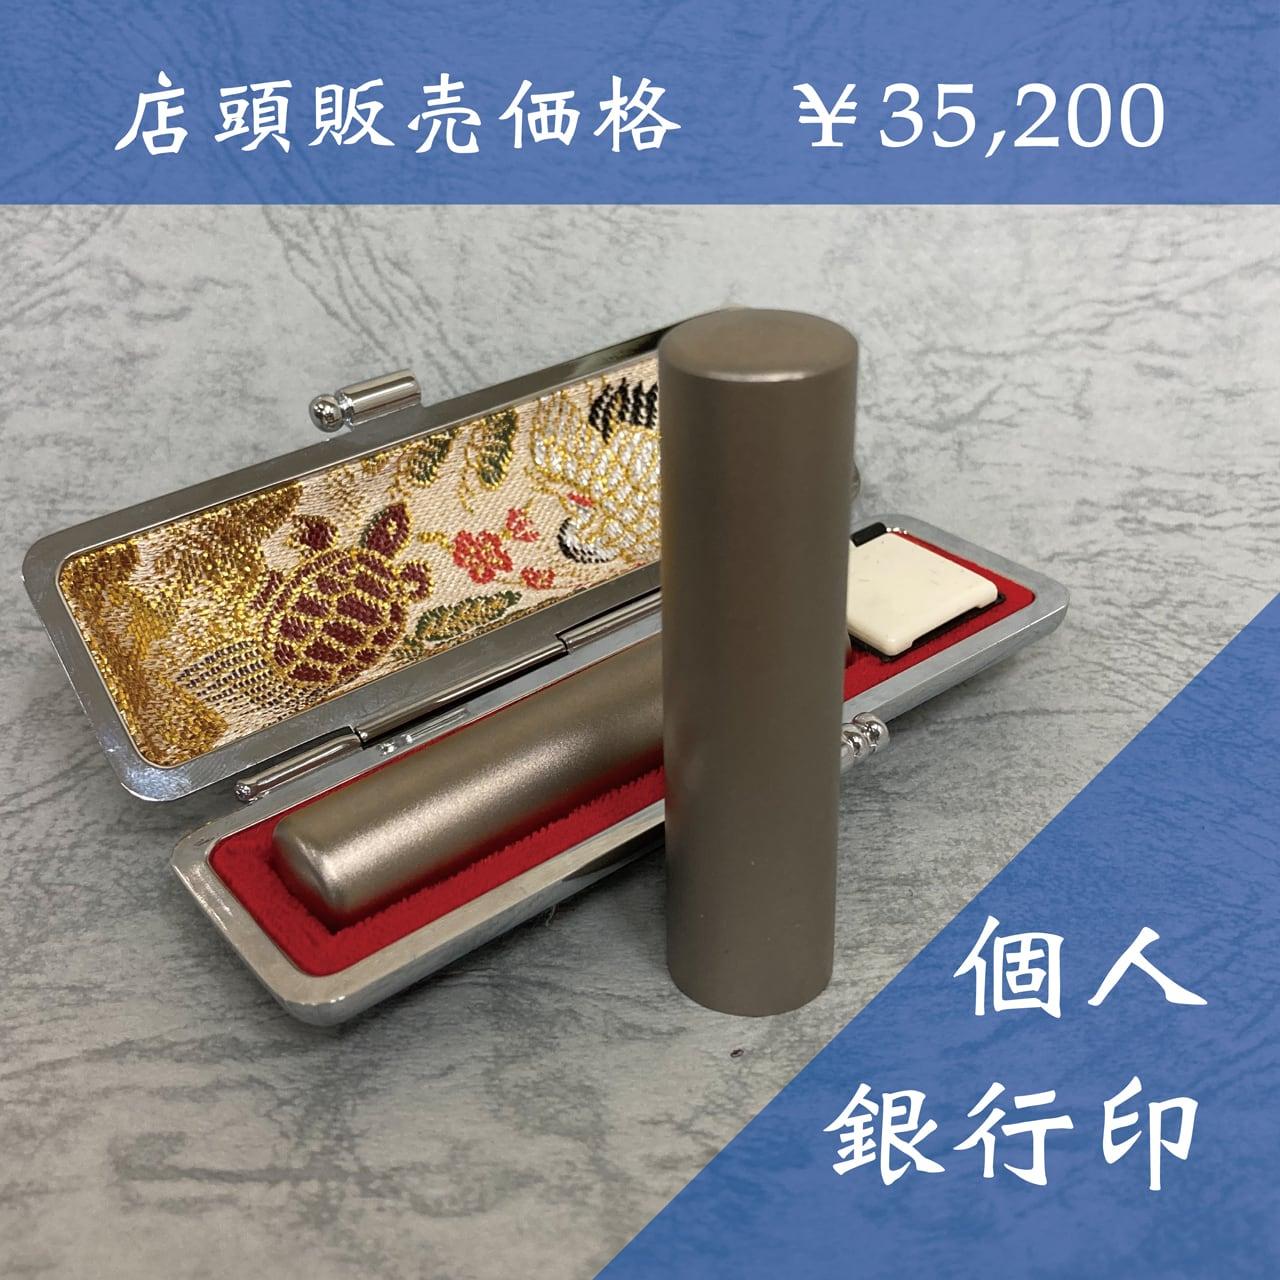 【個人用】銀行印(13.5mm)チタン